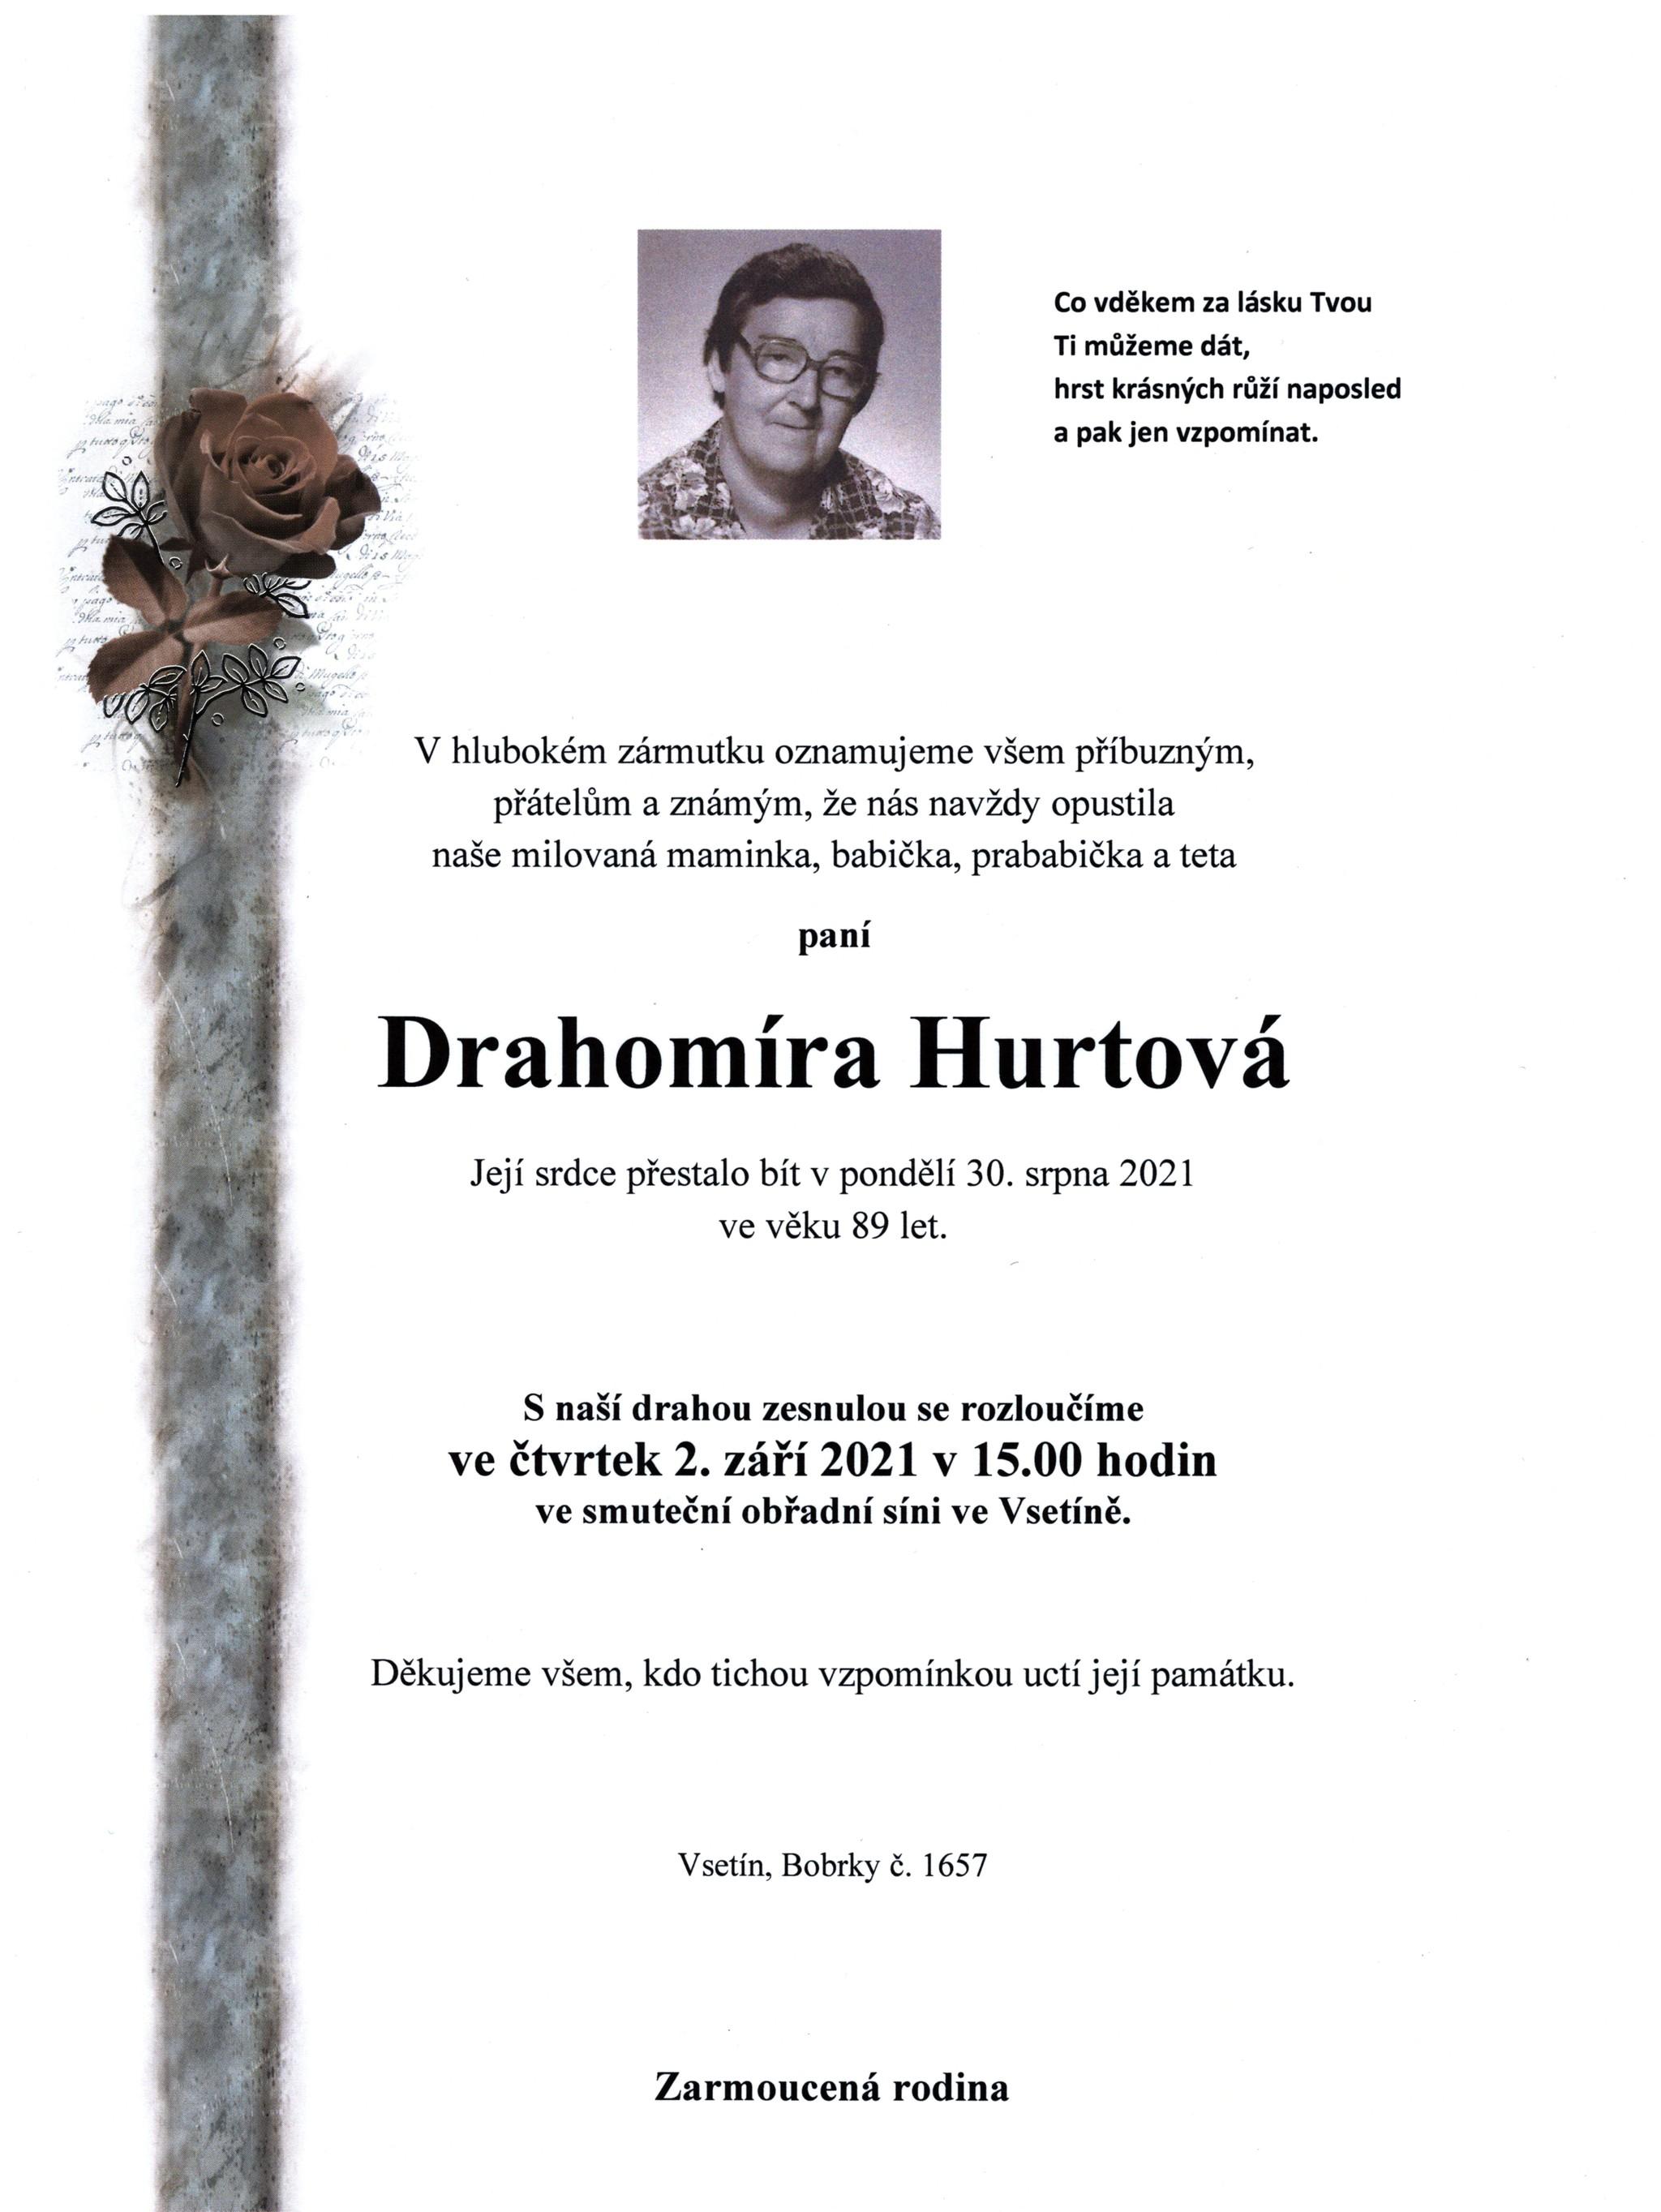 Drahomíra Hurtová